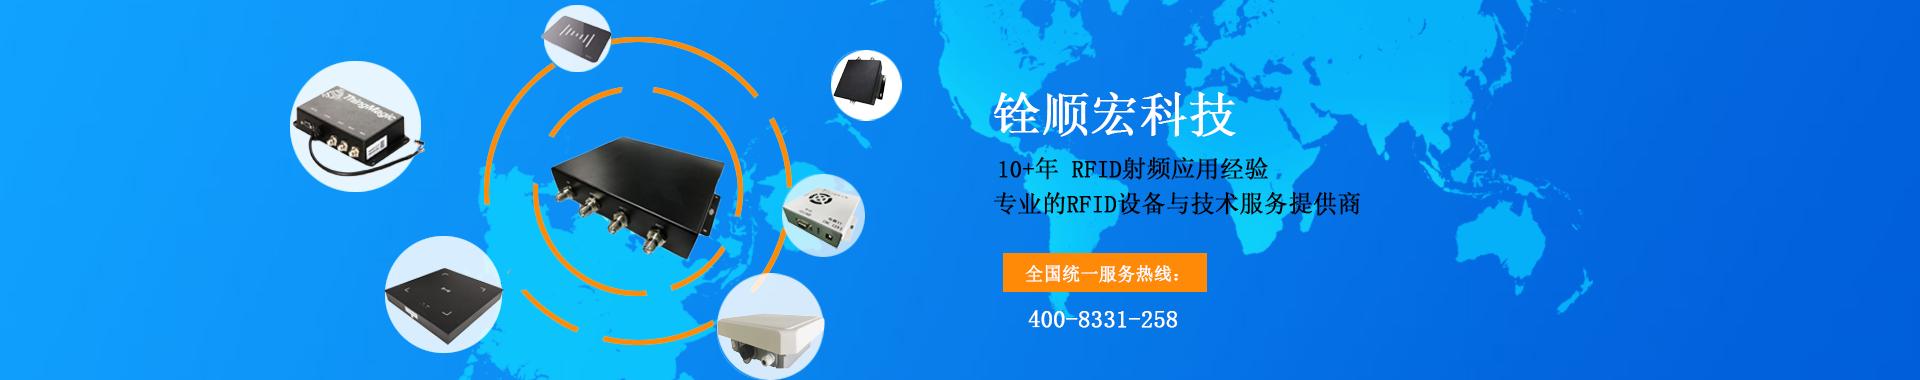 RFID读写器|工业平板,打印机,RFID门禁读写产品提供商-深圳铨顺宏